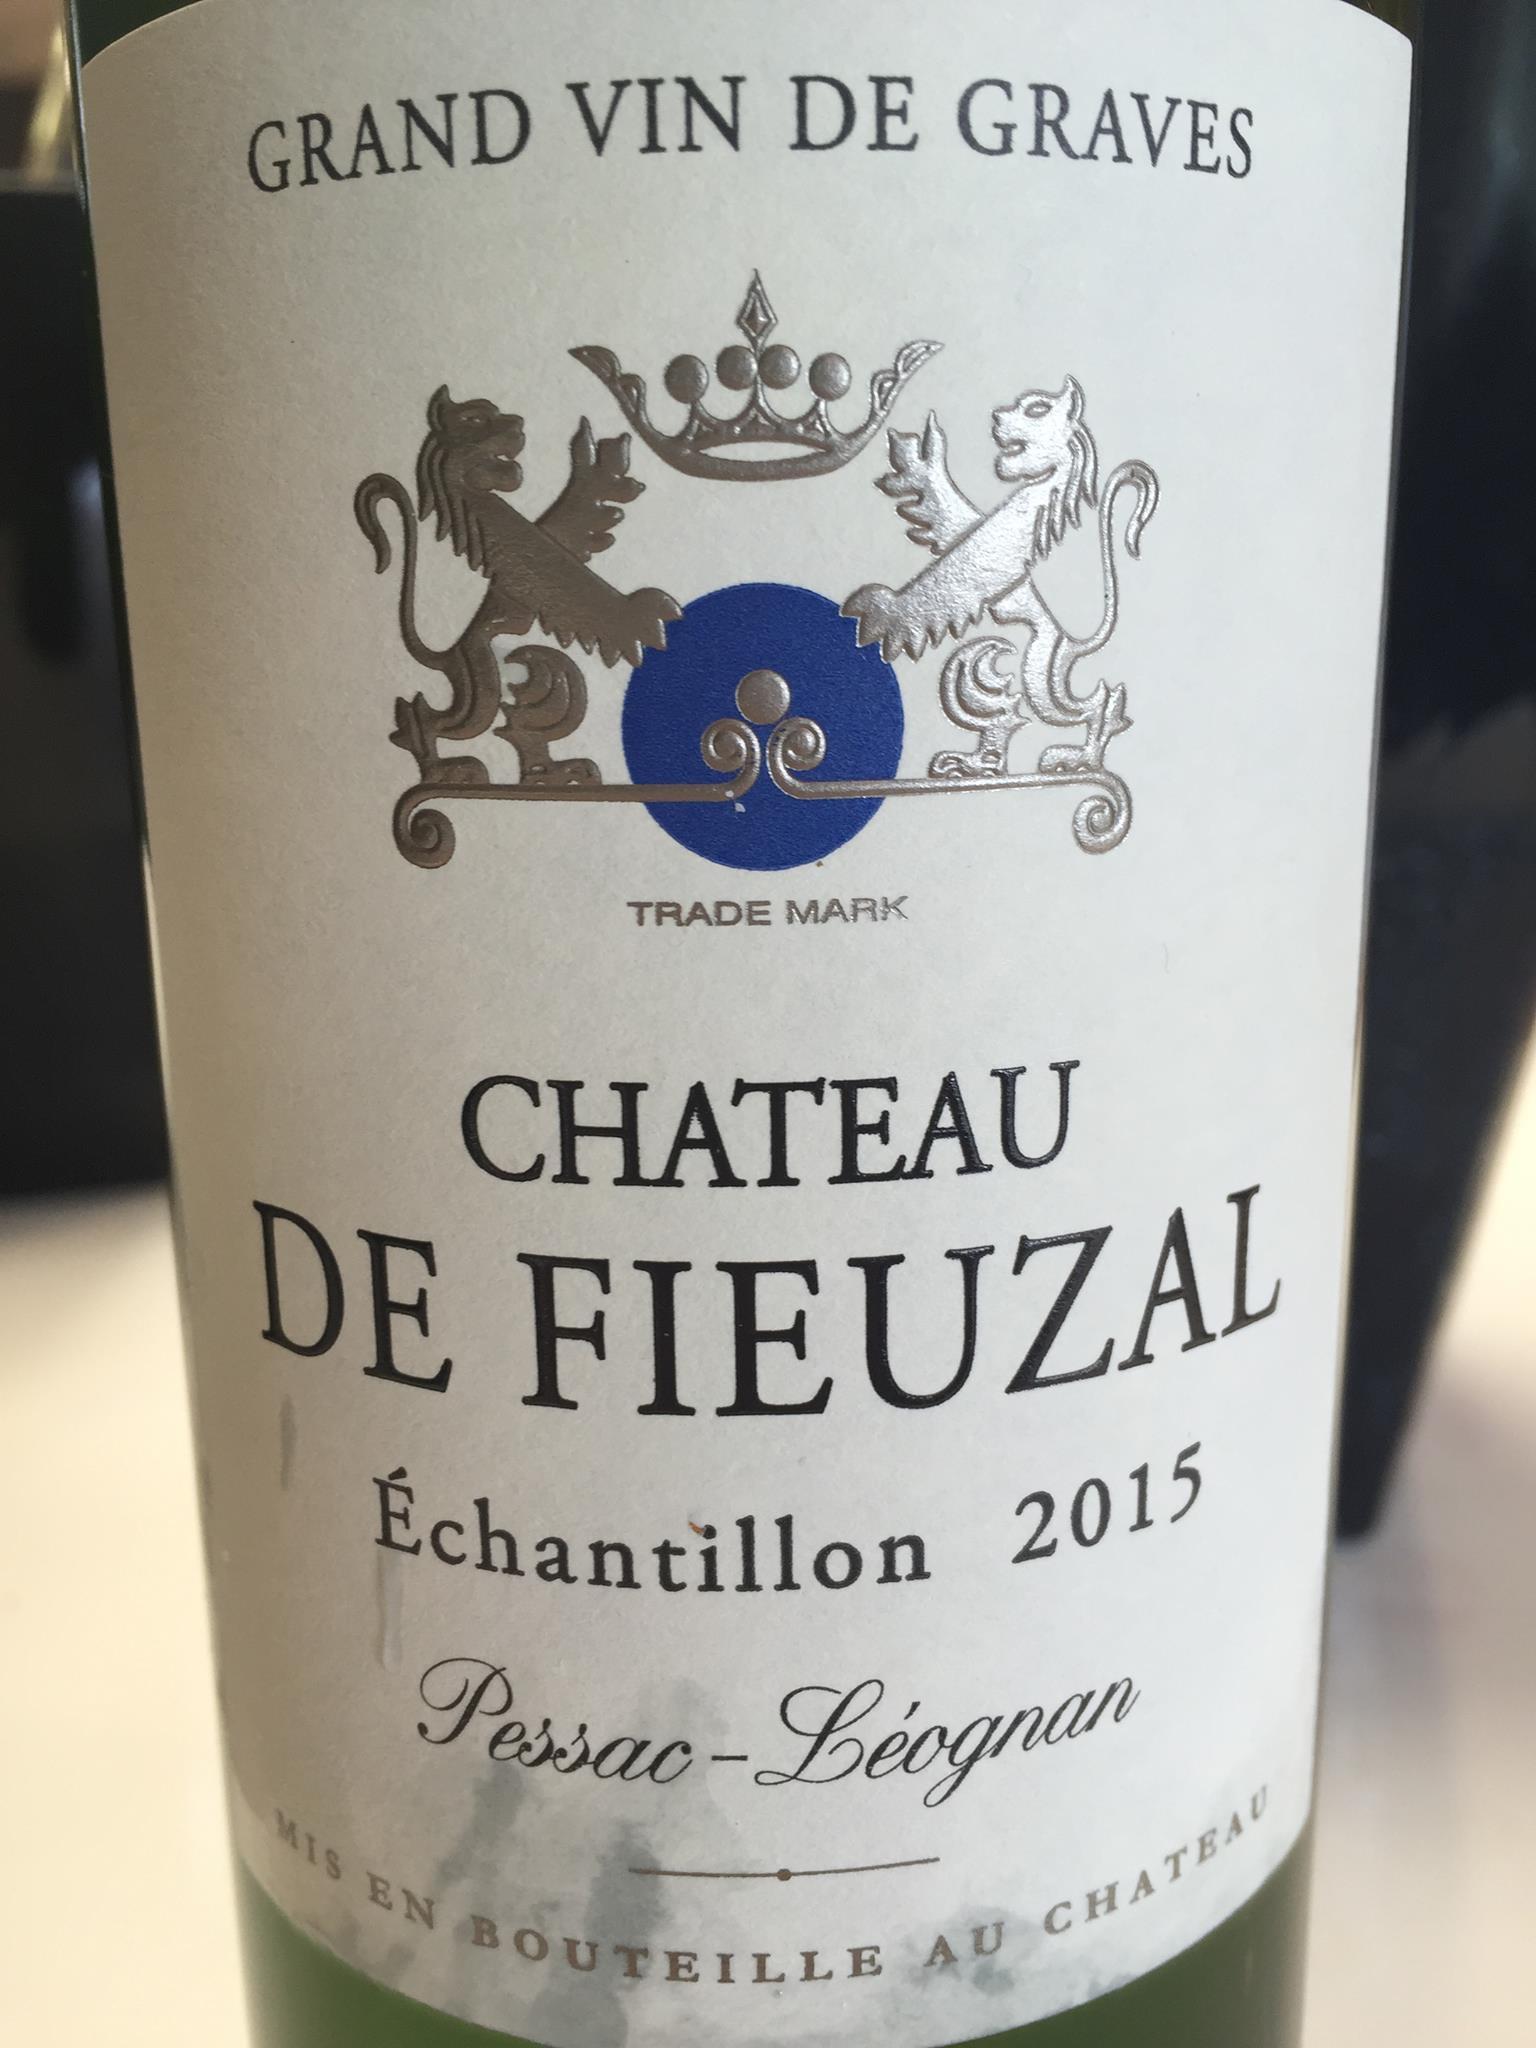 Château de Fieuzal 2015 – Pessac-Léognan